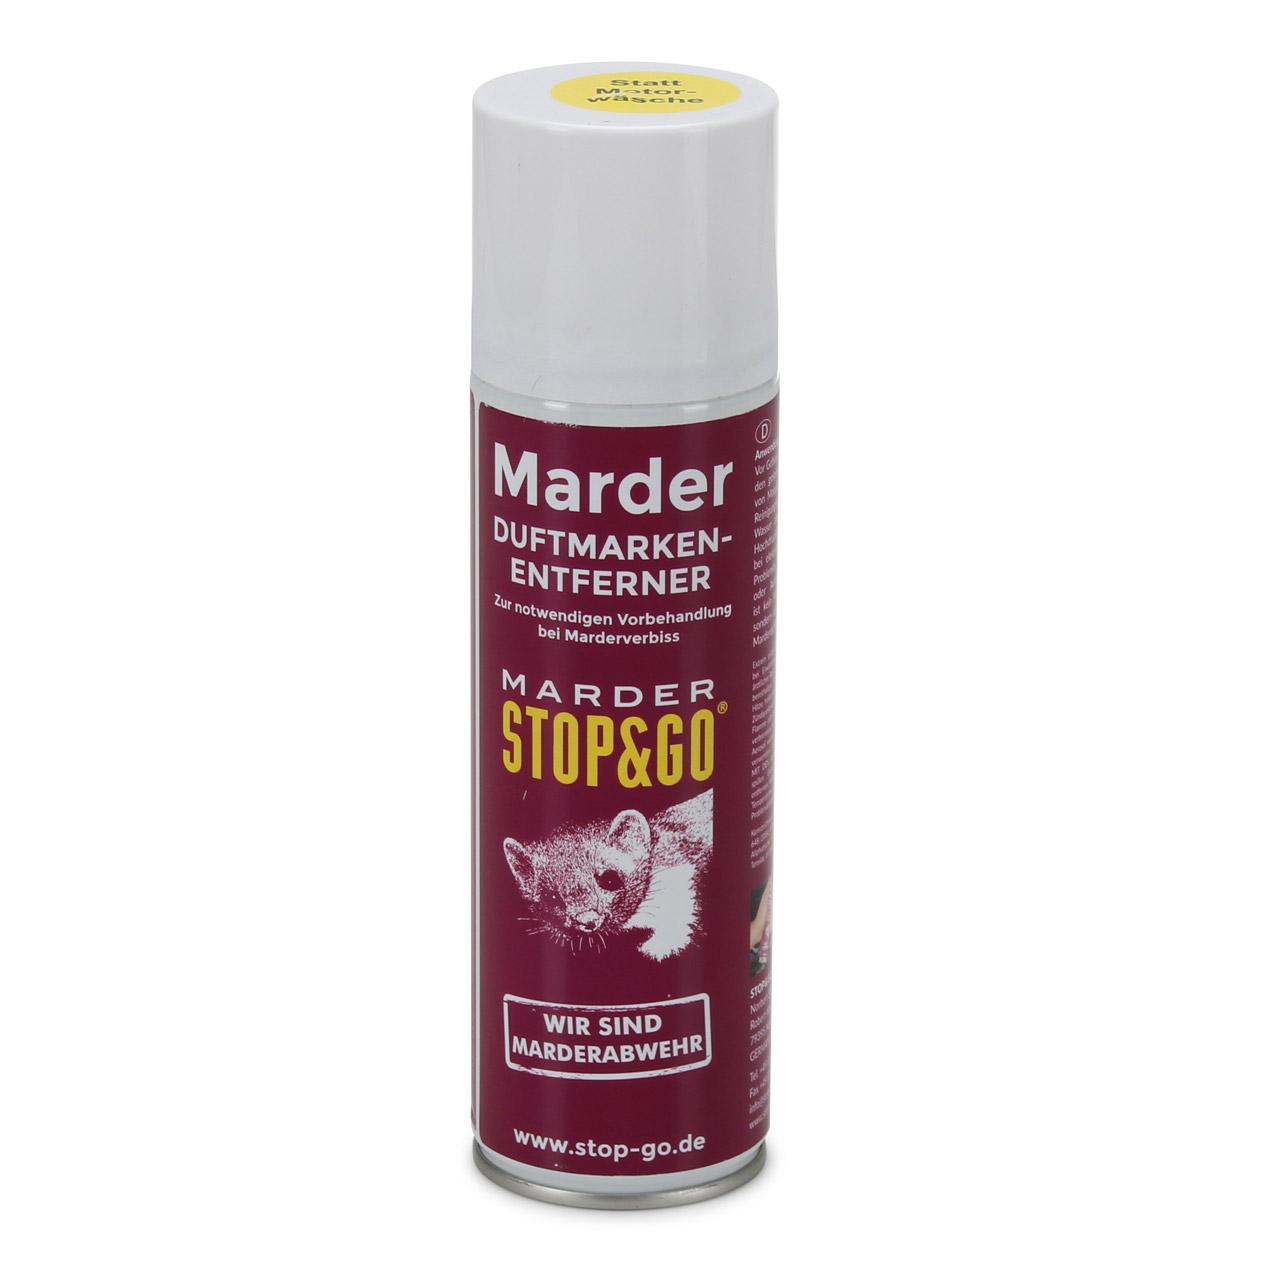 STOP & GO Marderabwehr Duftmarken-Entferner Spray Marderschreck 300ml 07503